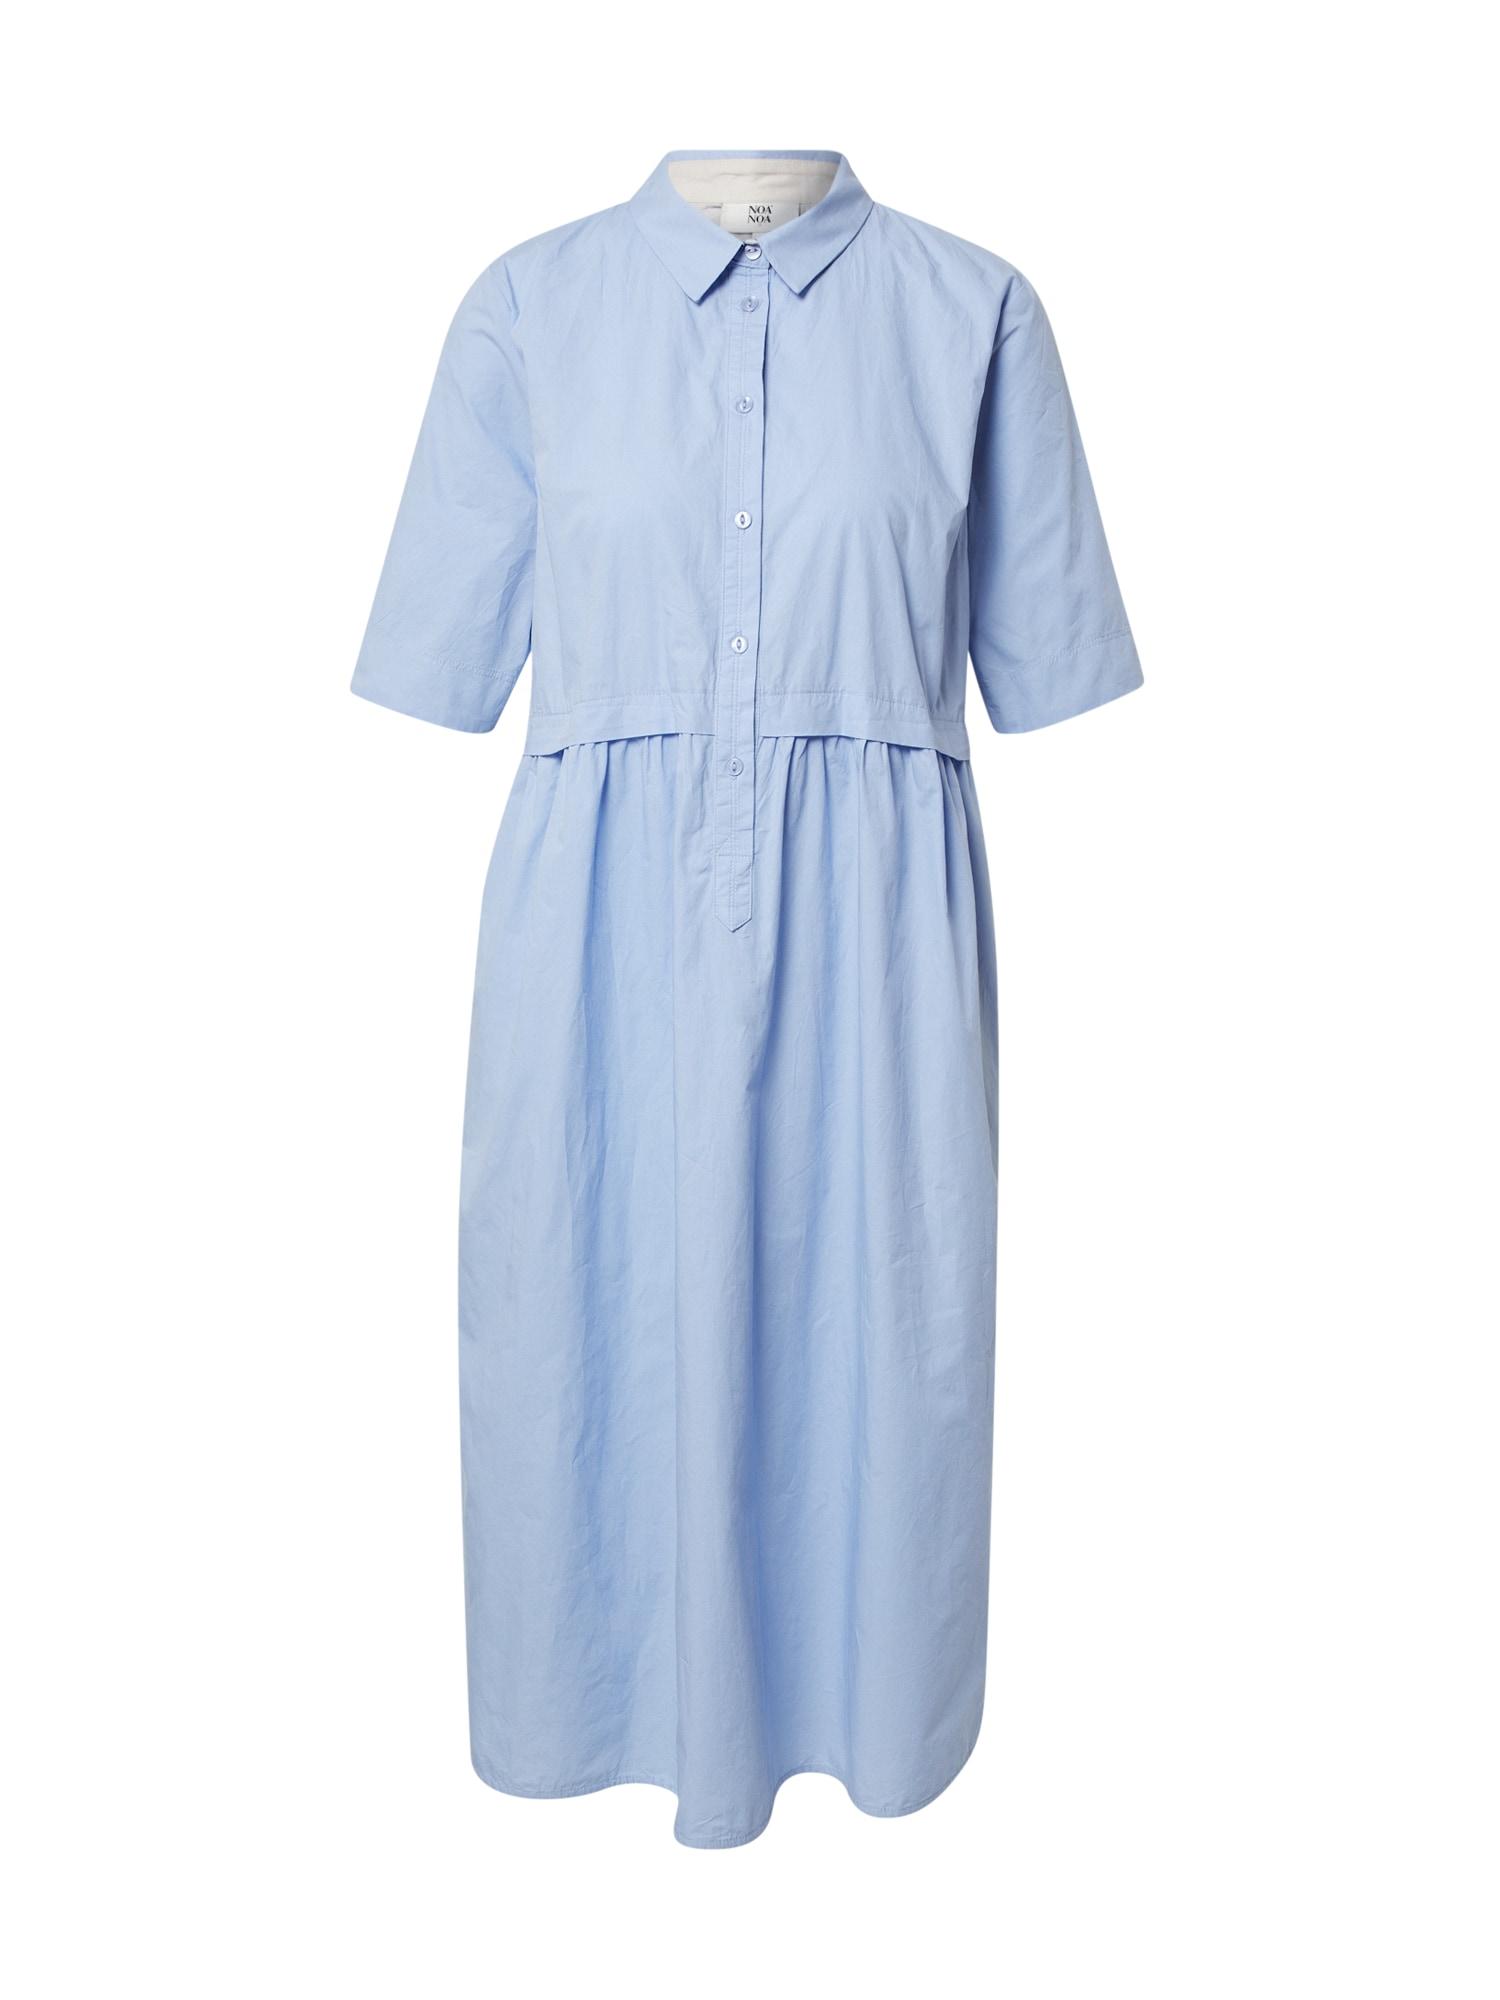 Noa Noa Palaidinės tipo suknelė mėlyna dūmų spalva